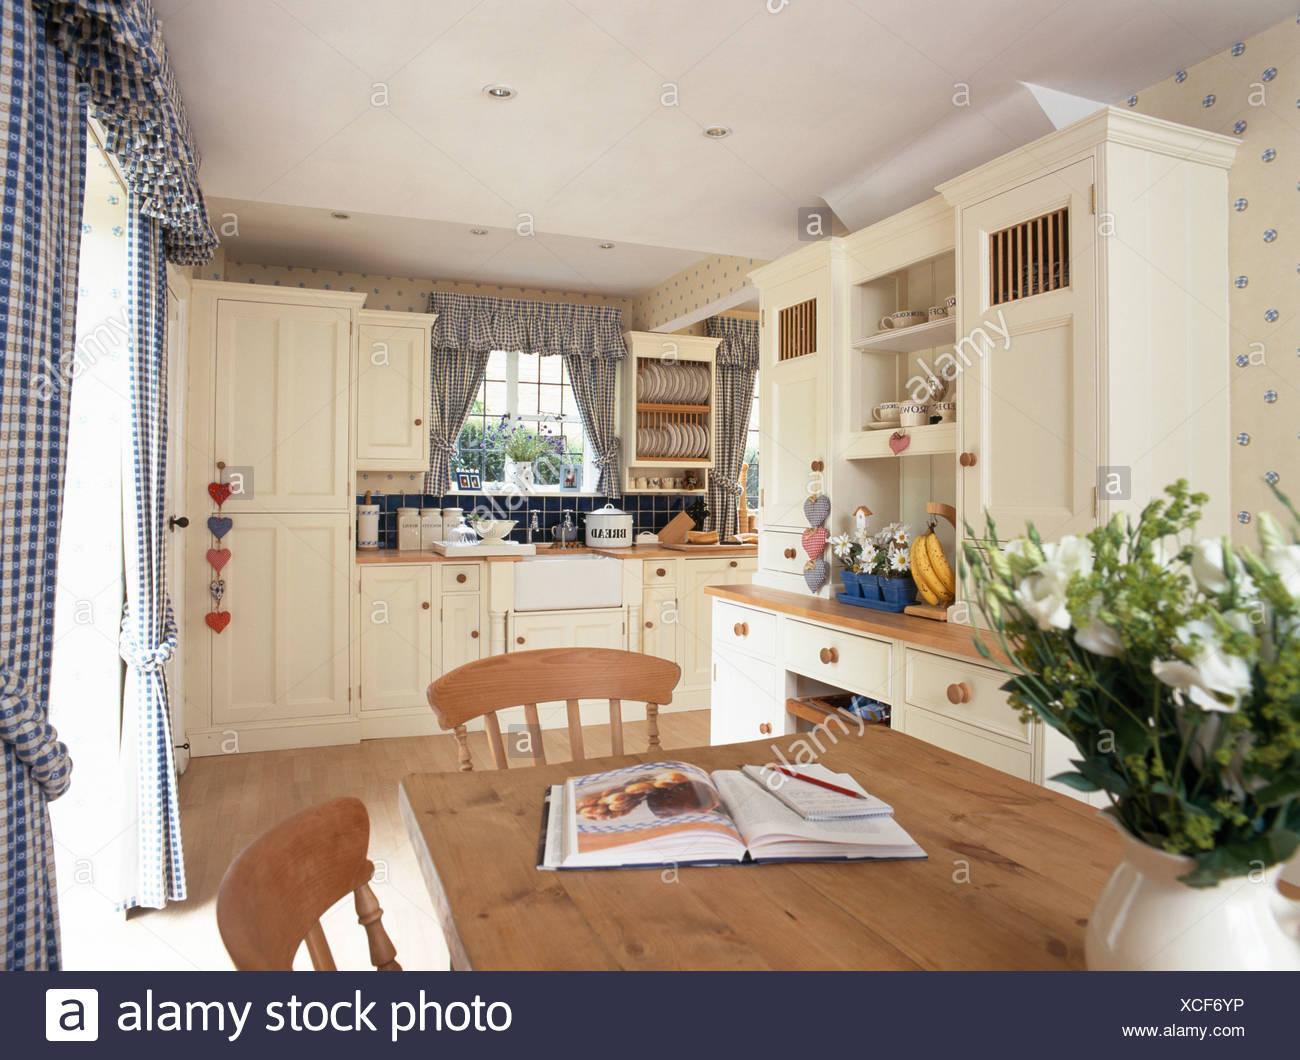 Berühmt Bilder Von Kücheninsel Einheiten Fotos - Ideen Für Die Küche ...